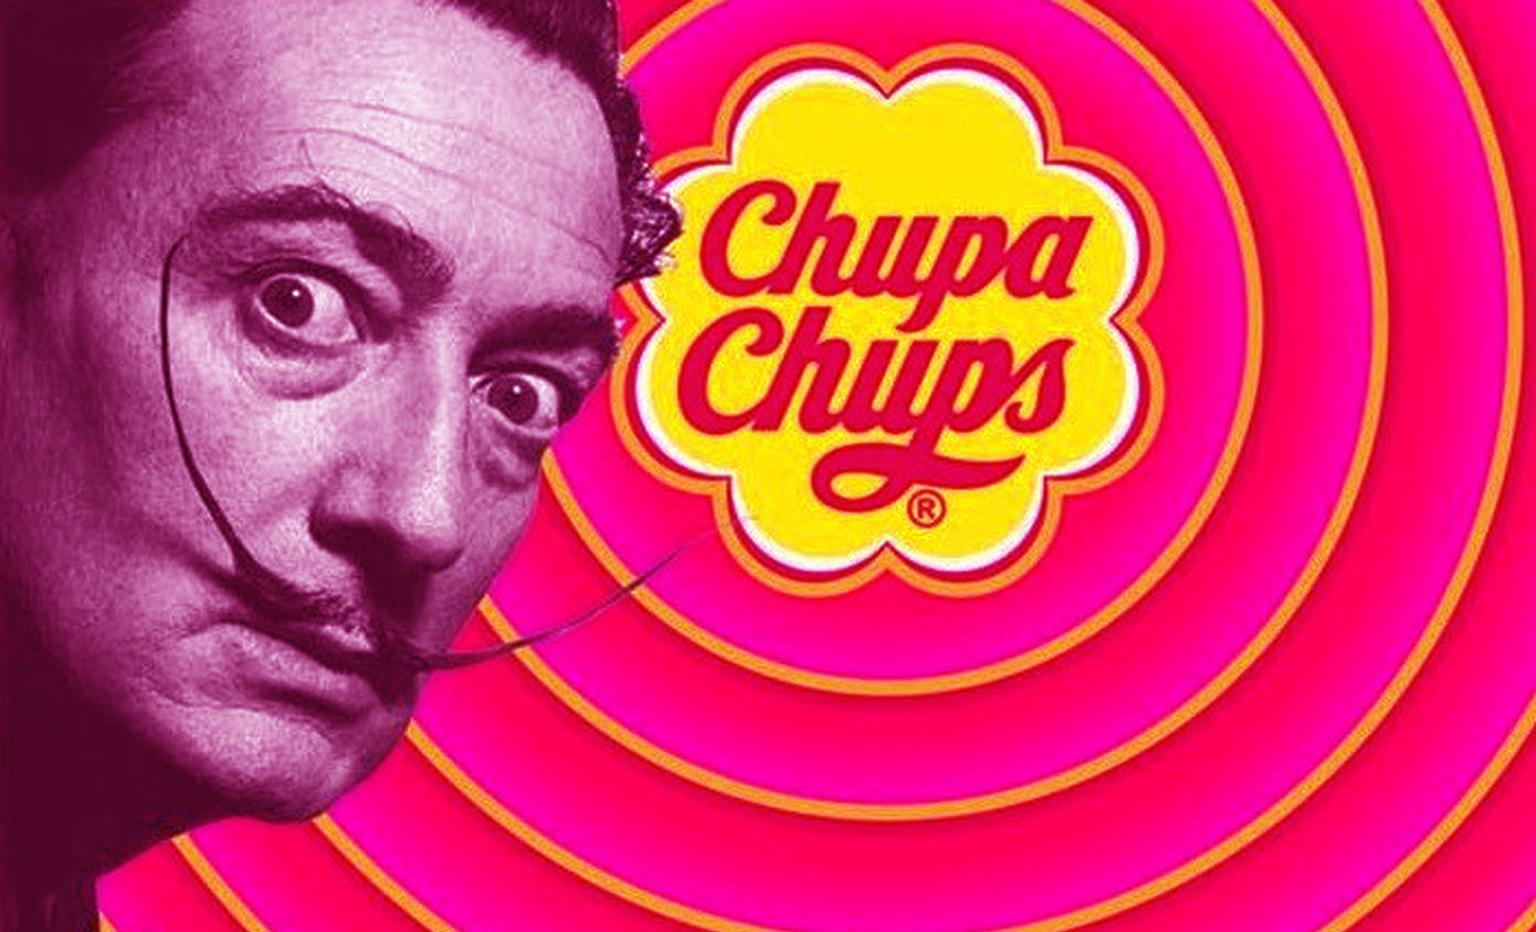 Dalí-Chupa-Chups-Brabants-Museum